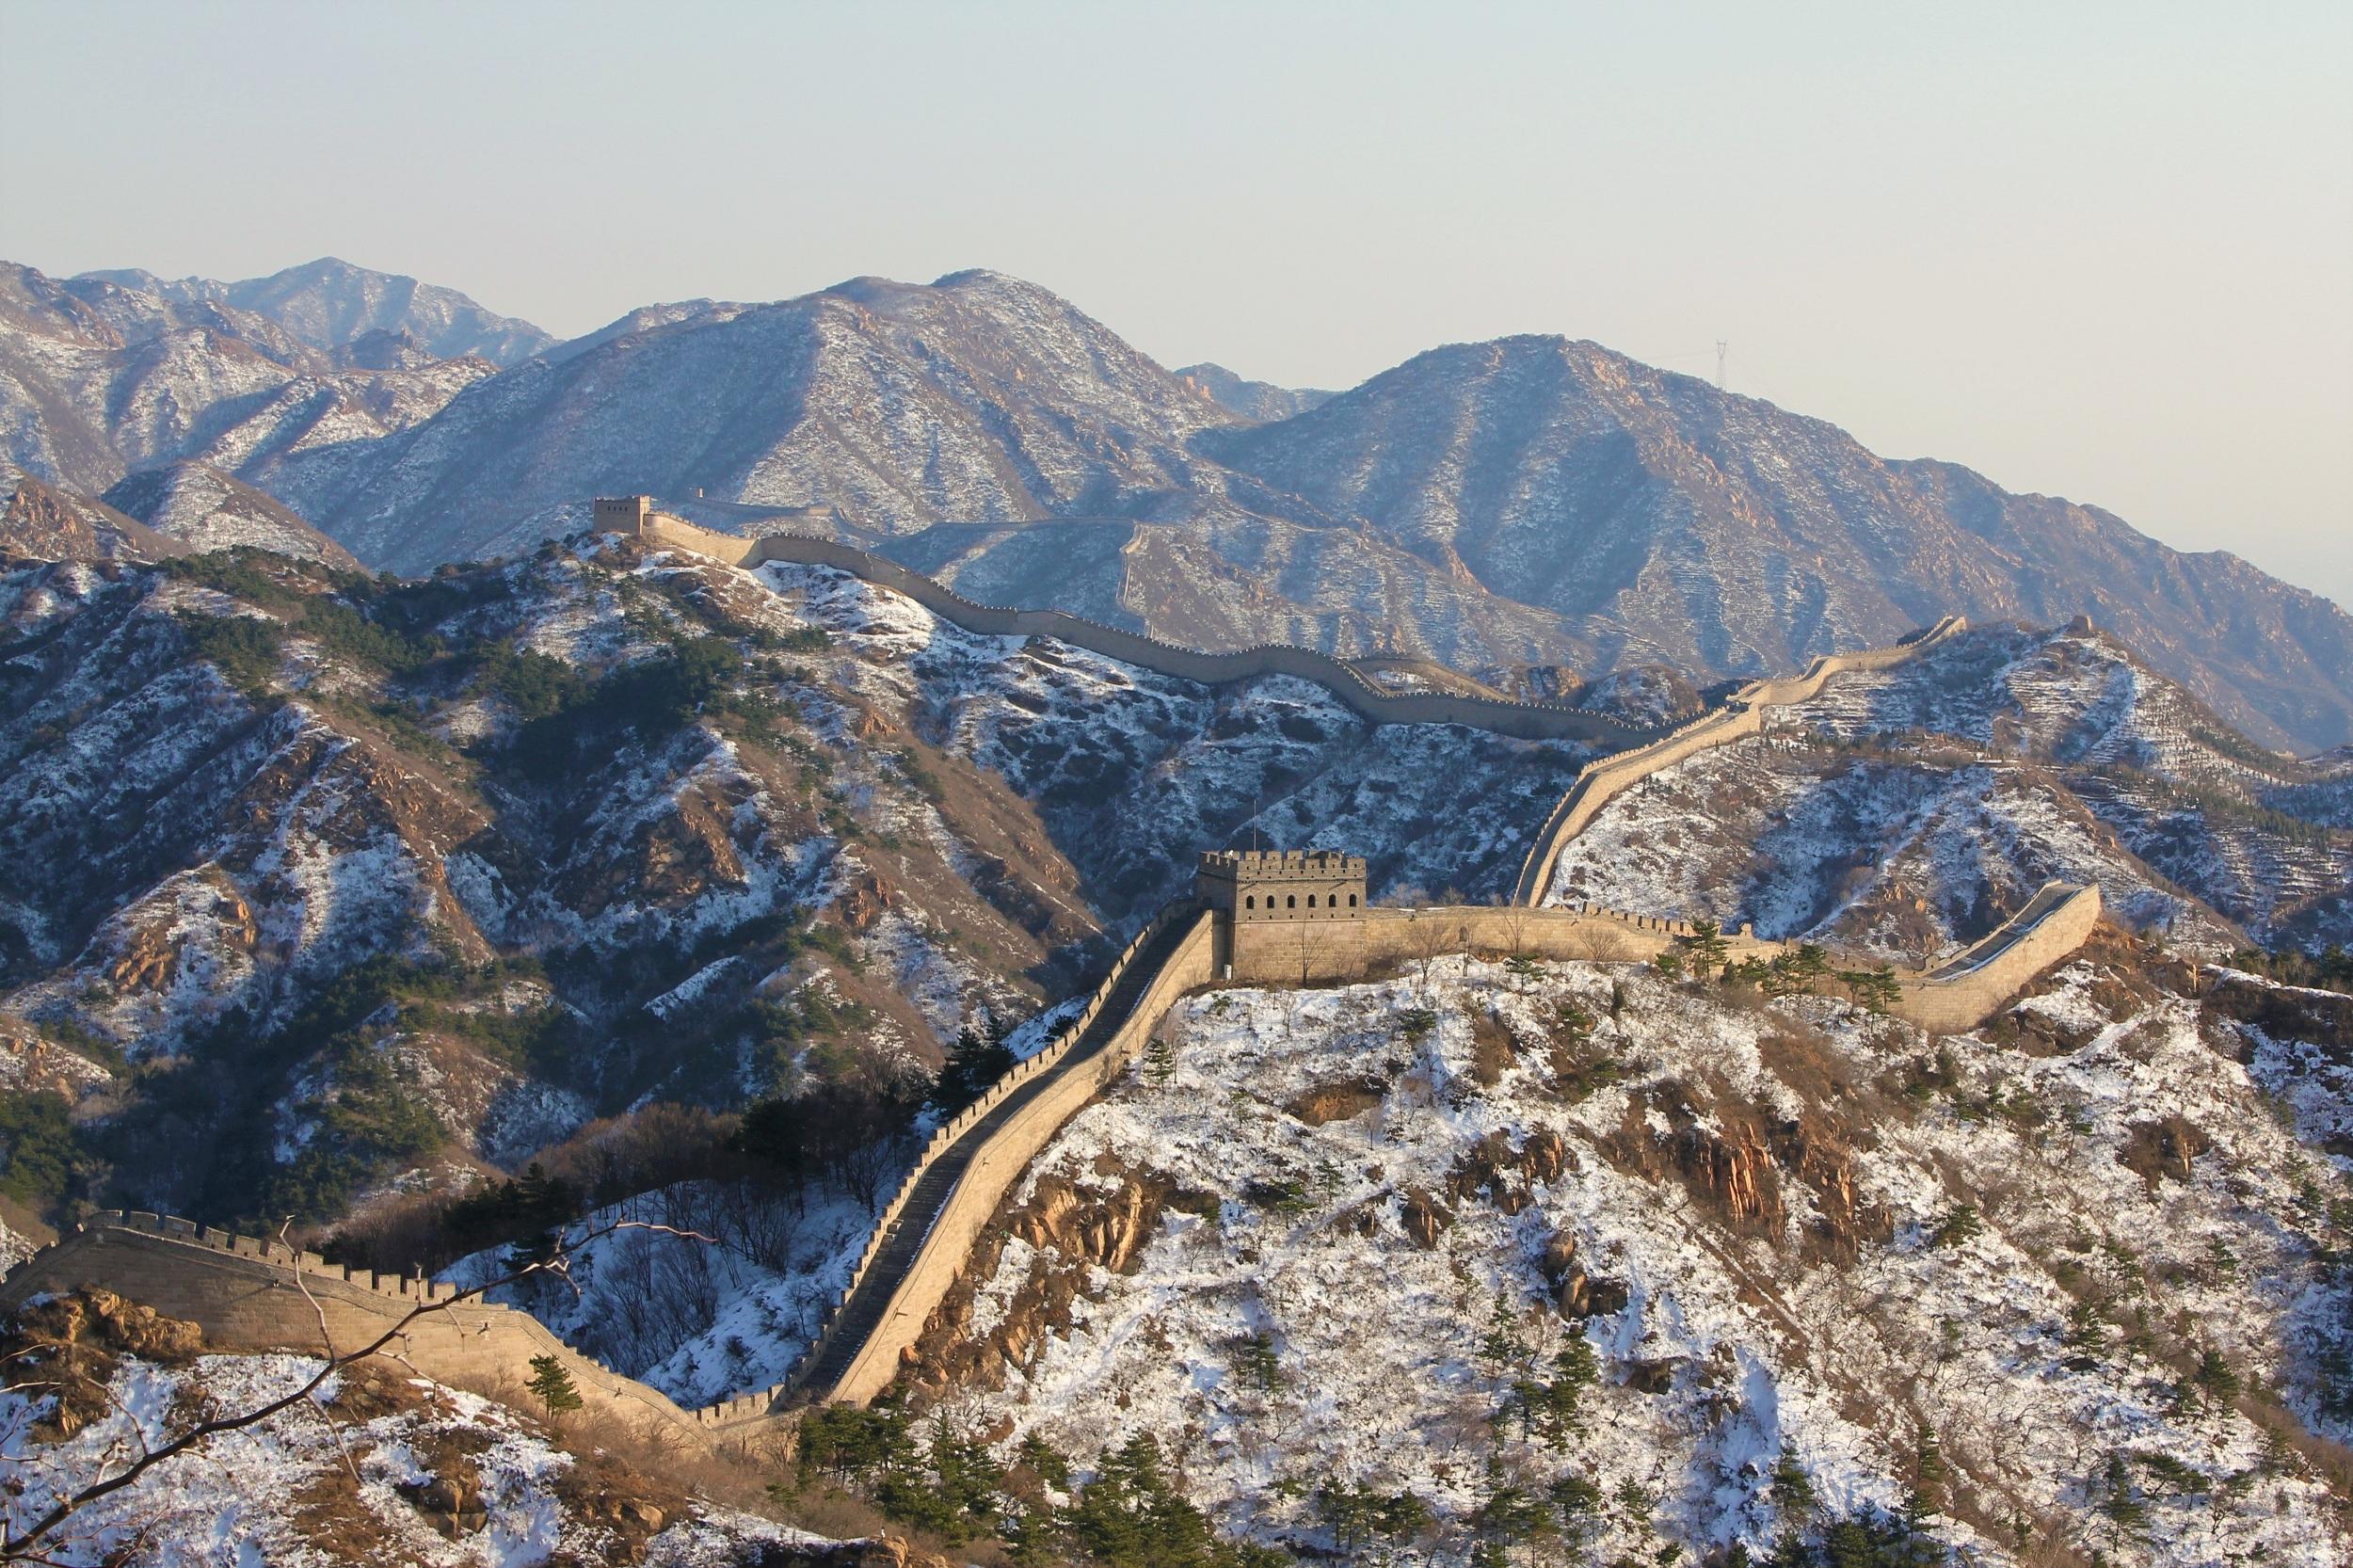 wall of china image